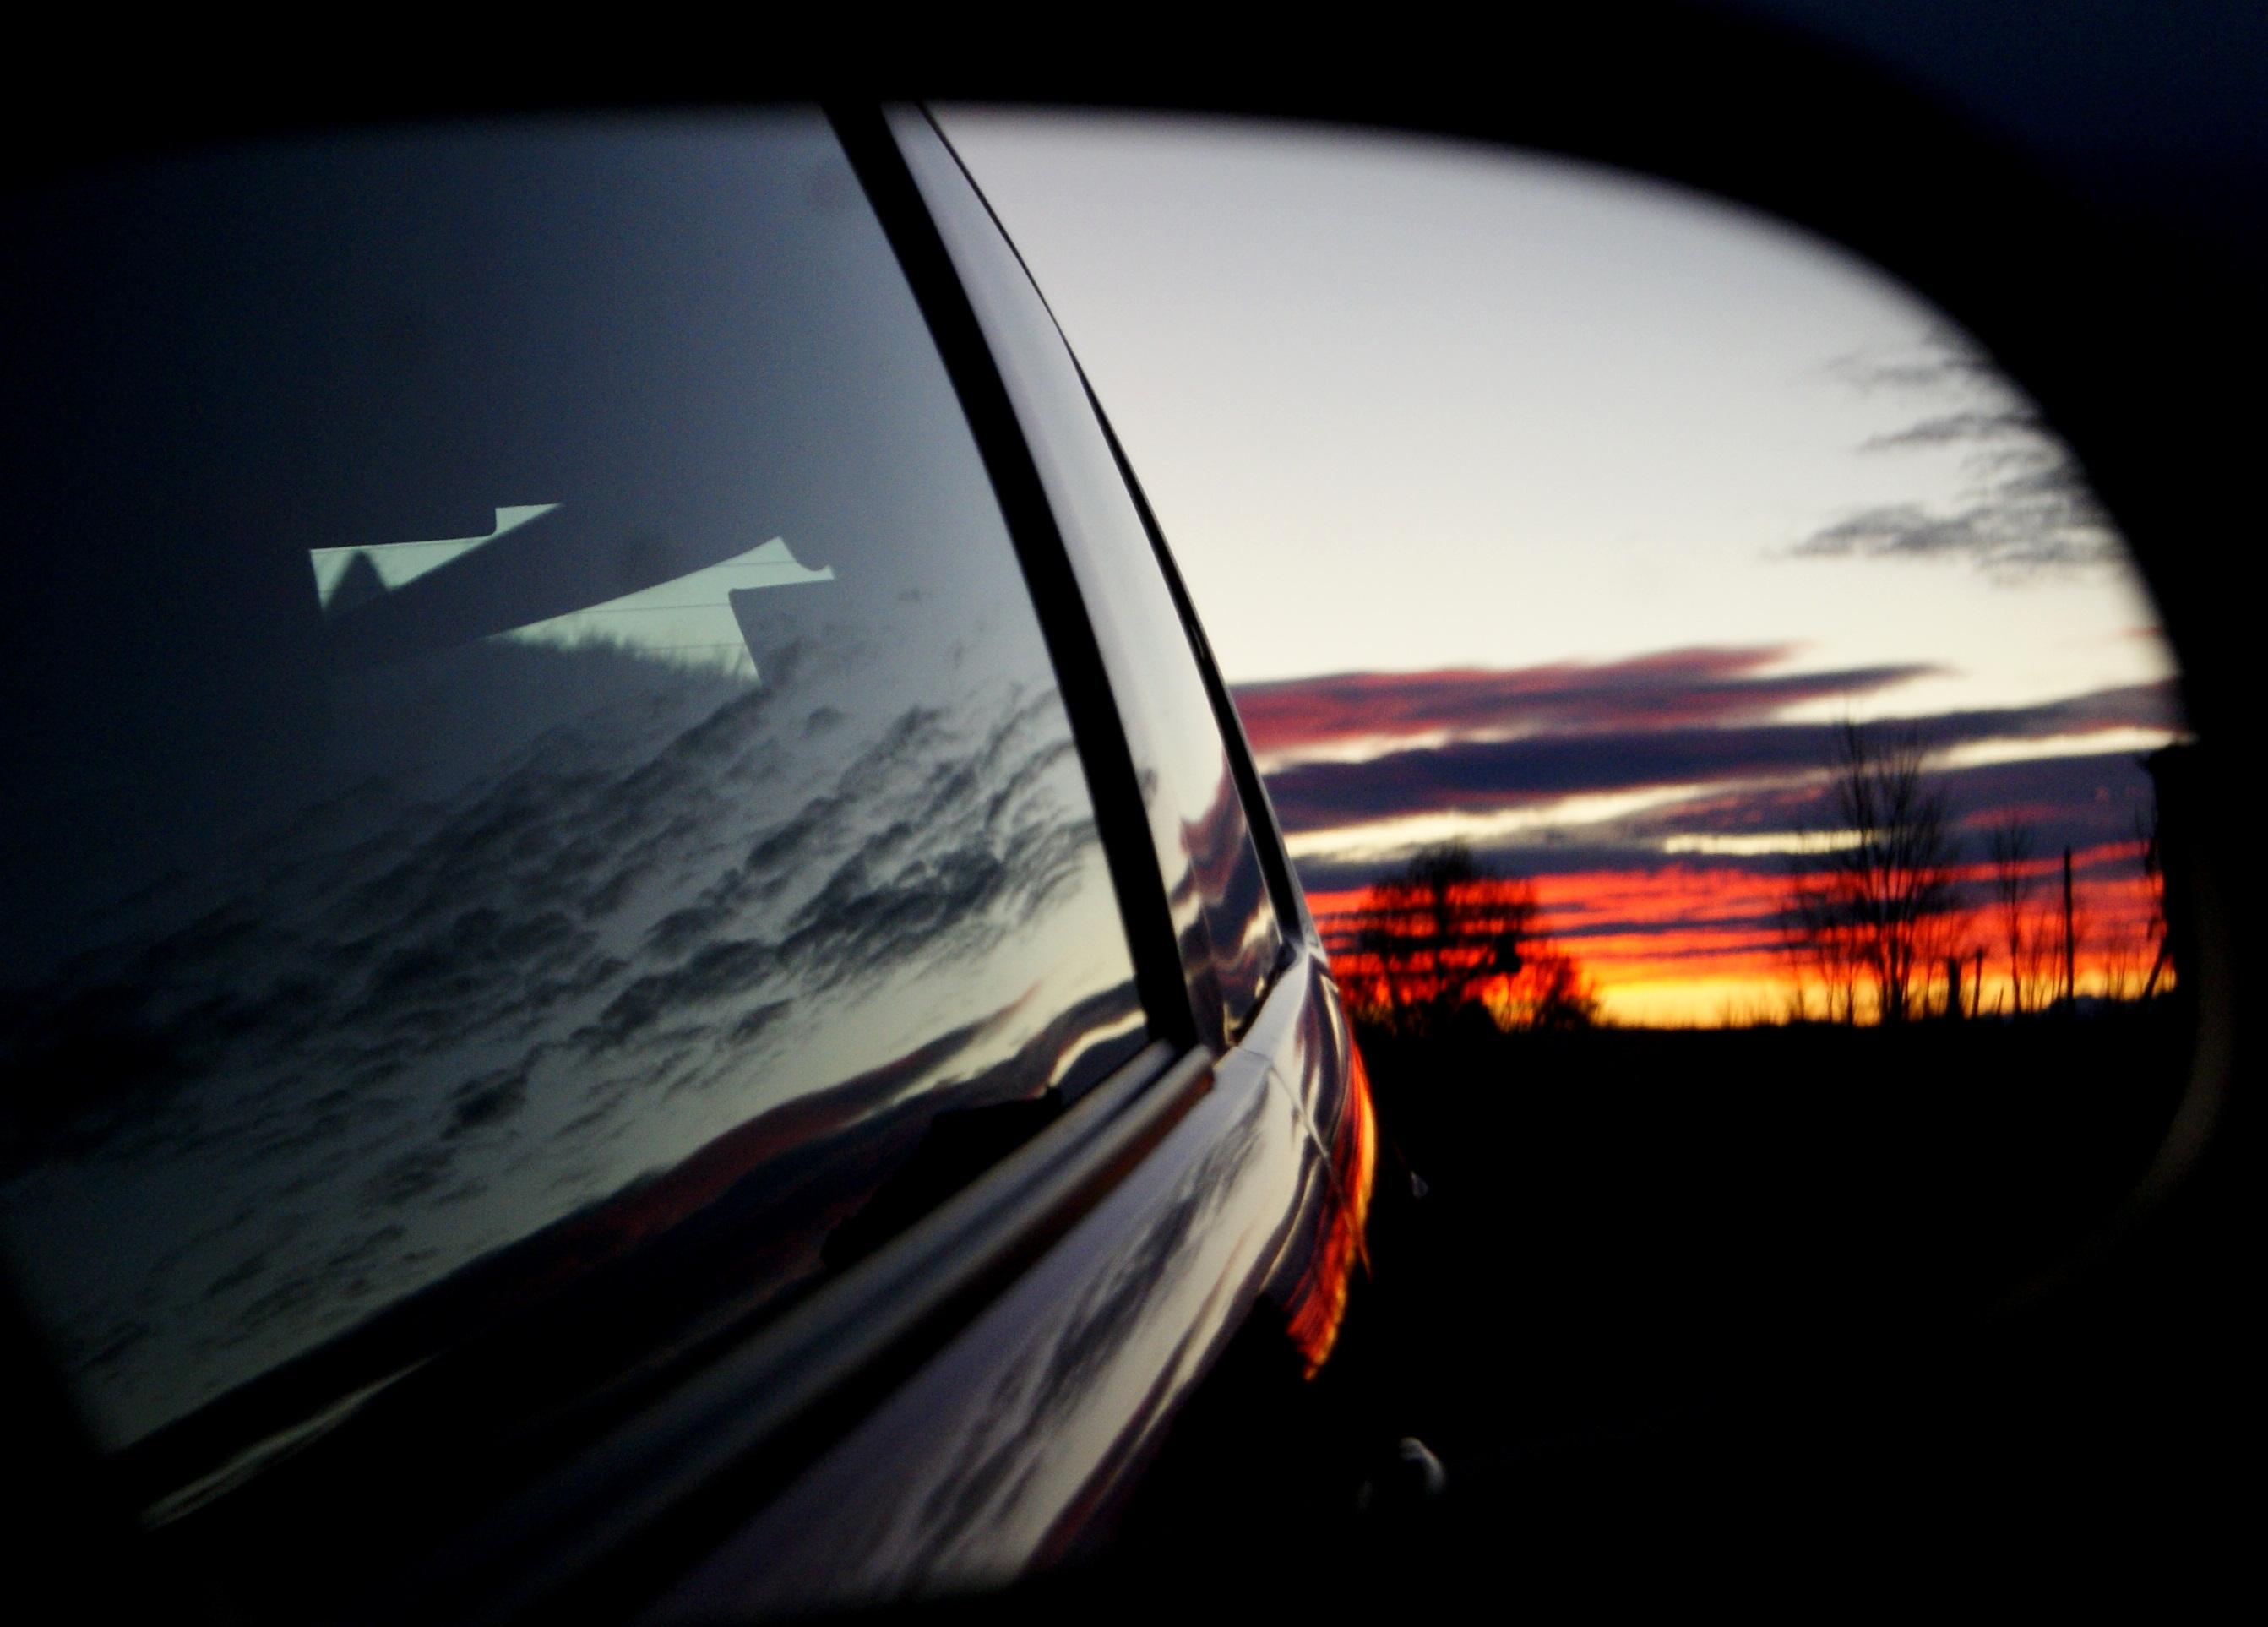 вид из окна авто картинки кого больше